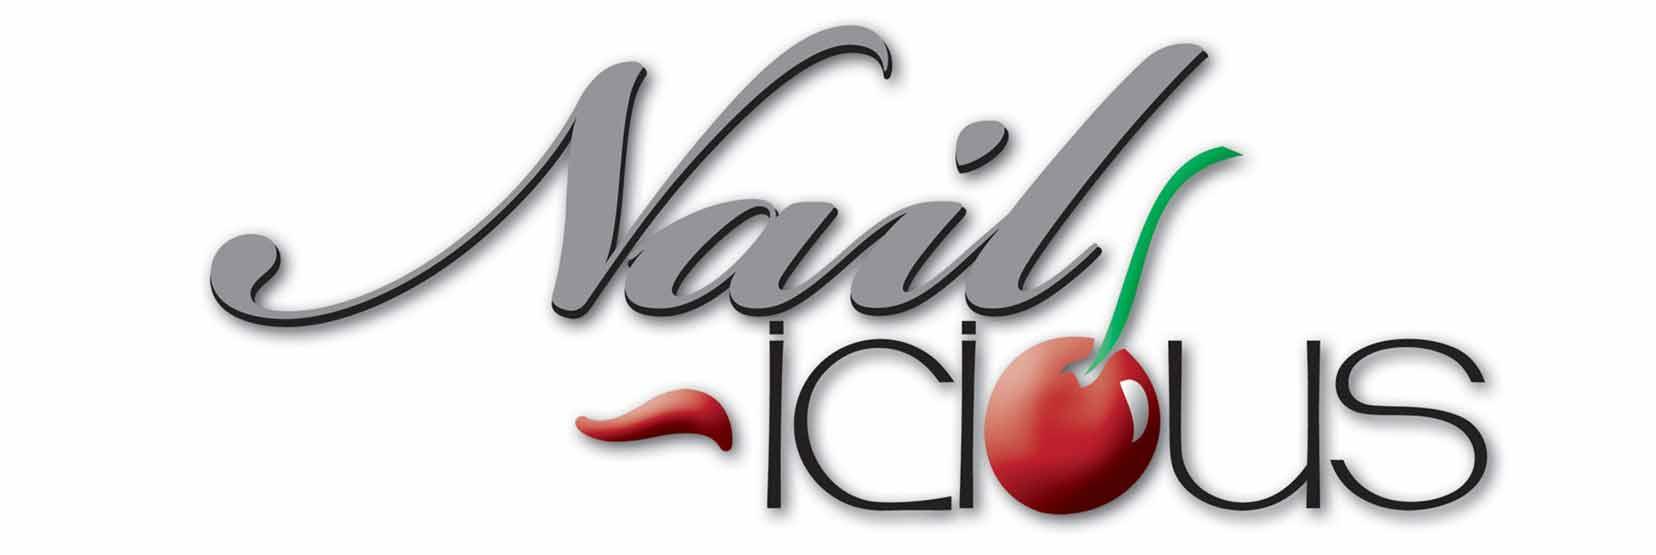 Nail-Icious